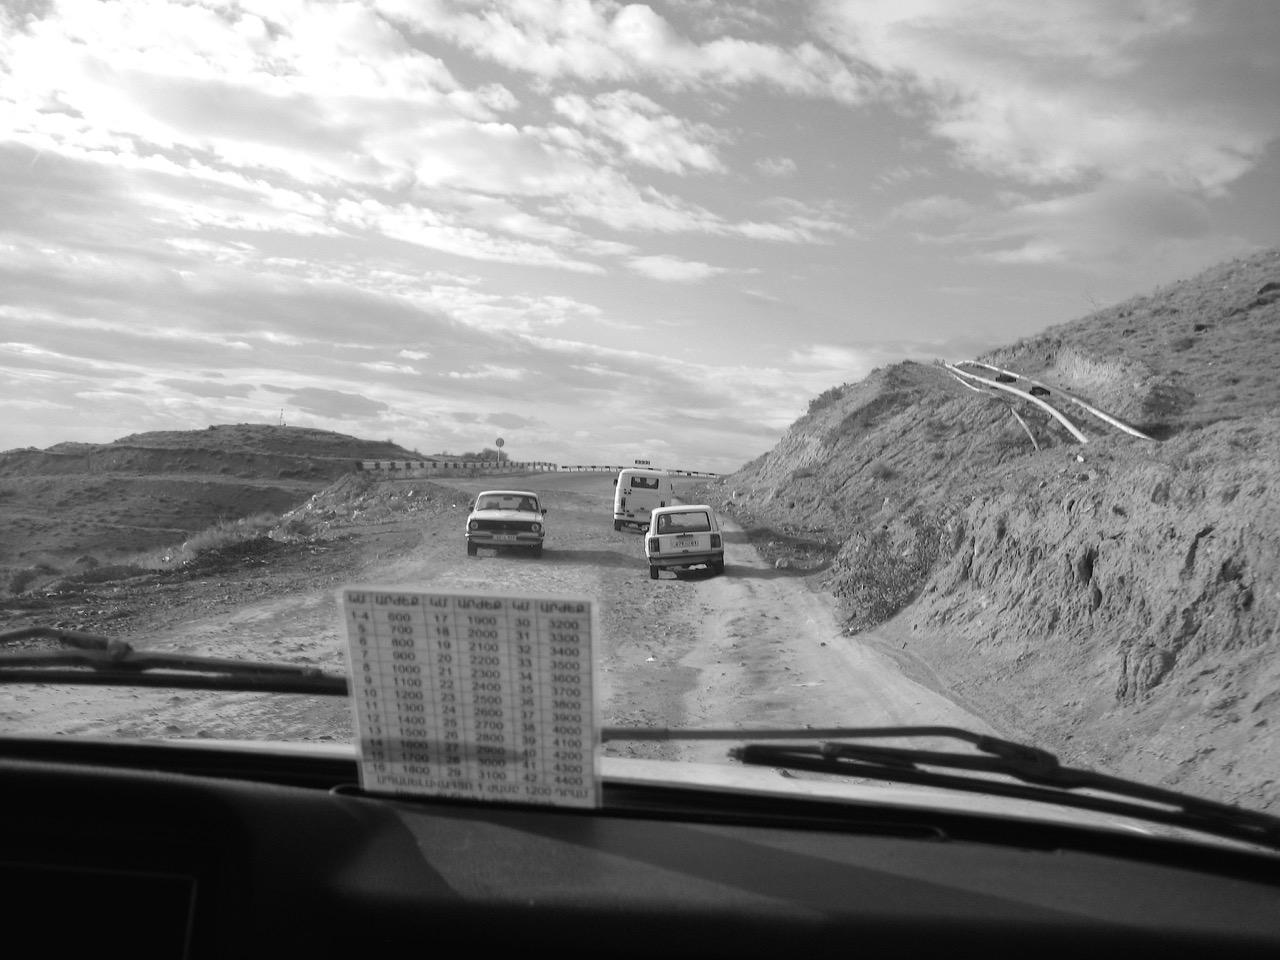 Foto: Taxifahrt. Aus: Eriwan. Kapitel 5. Aufzeichnungen aus Armenien von Marc Degens.